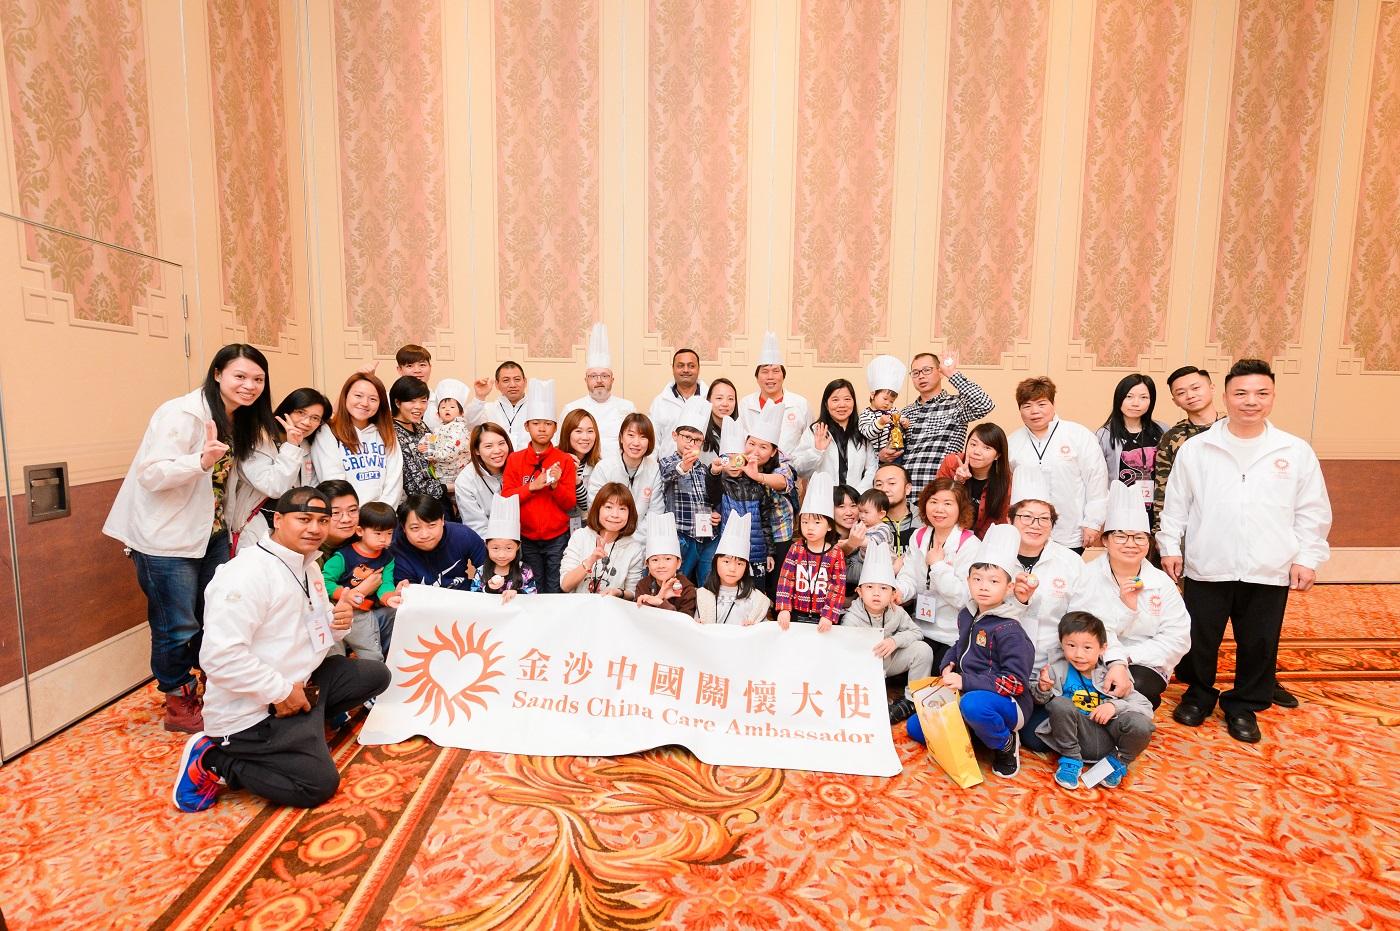 共庆复活节 - 金沙中国关怀大使